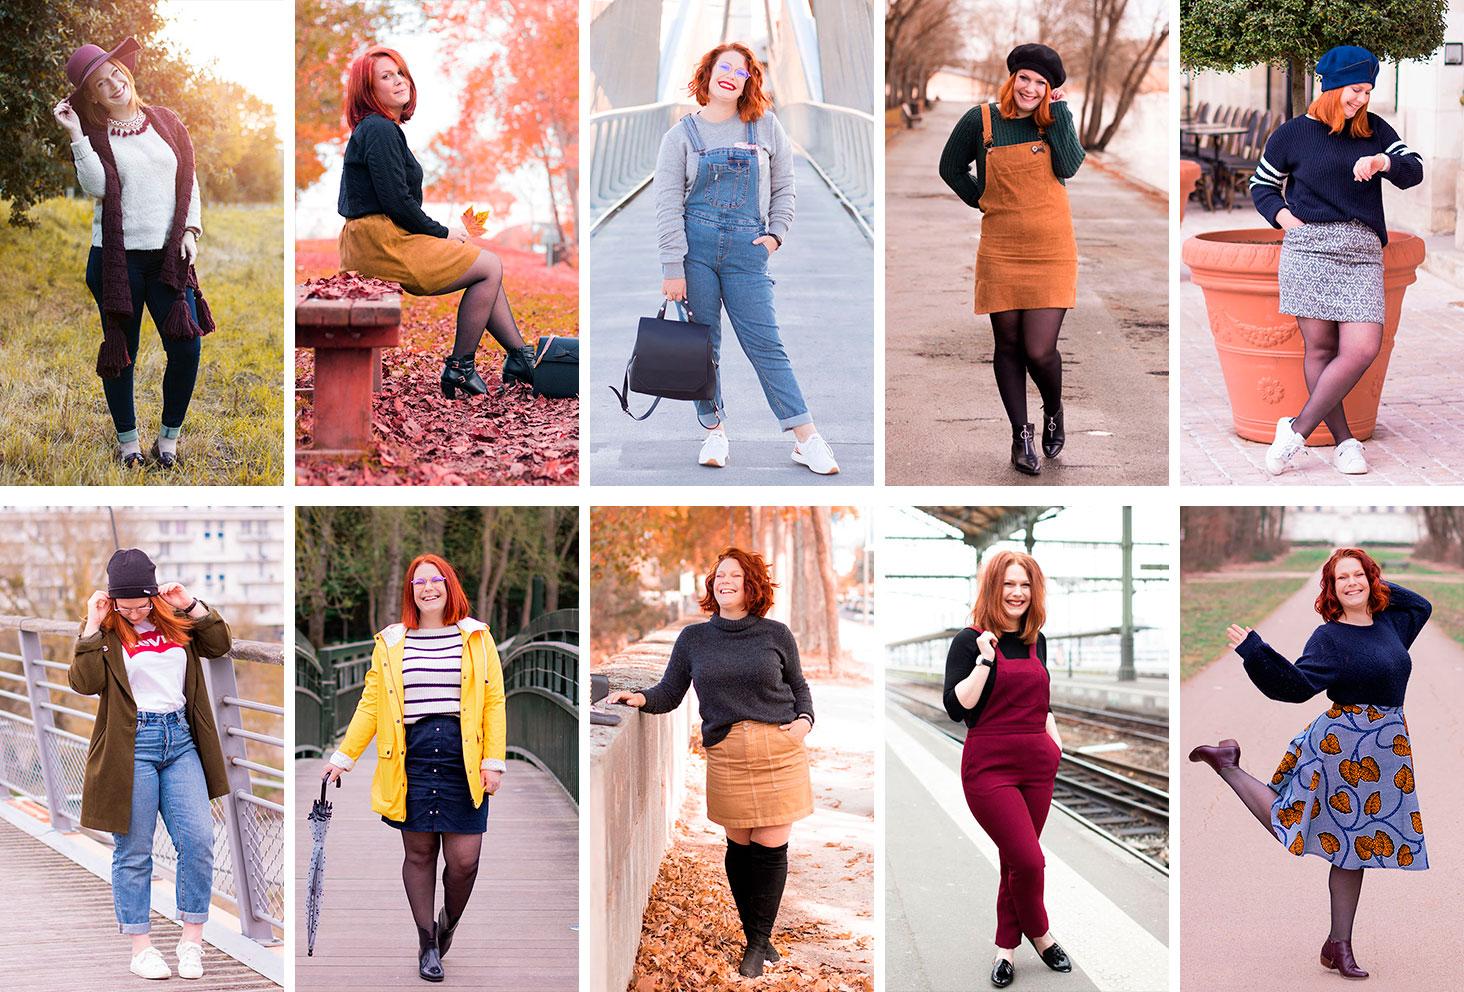 10 idées de looks pour l'automne, dans tous les styles pour tous les goûts